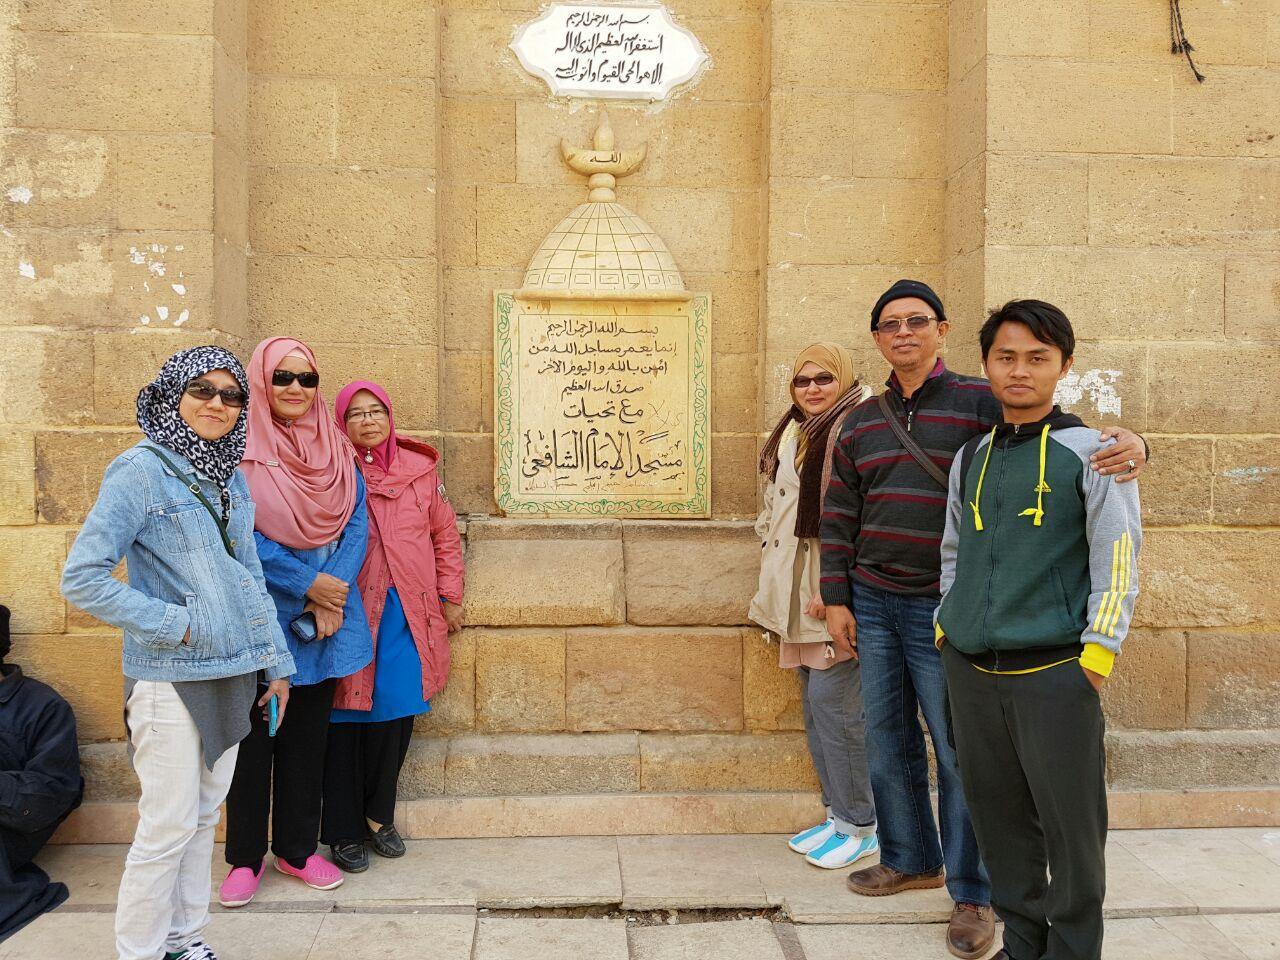 KAUNSELOR NURHAIZA CHE MAT : Trip to Cairo; Restoren